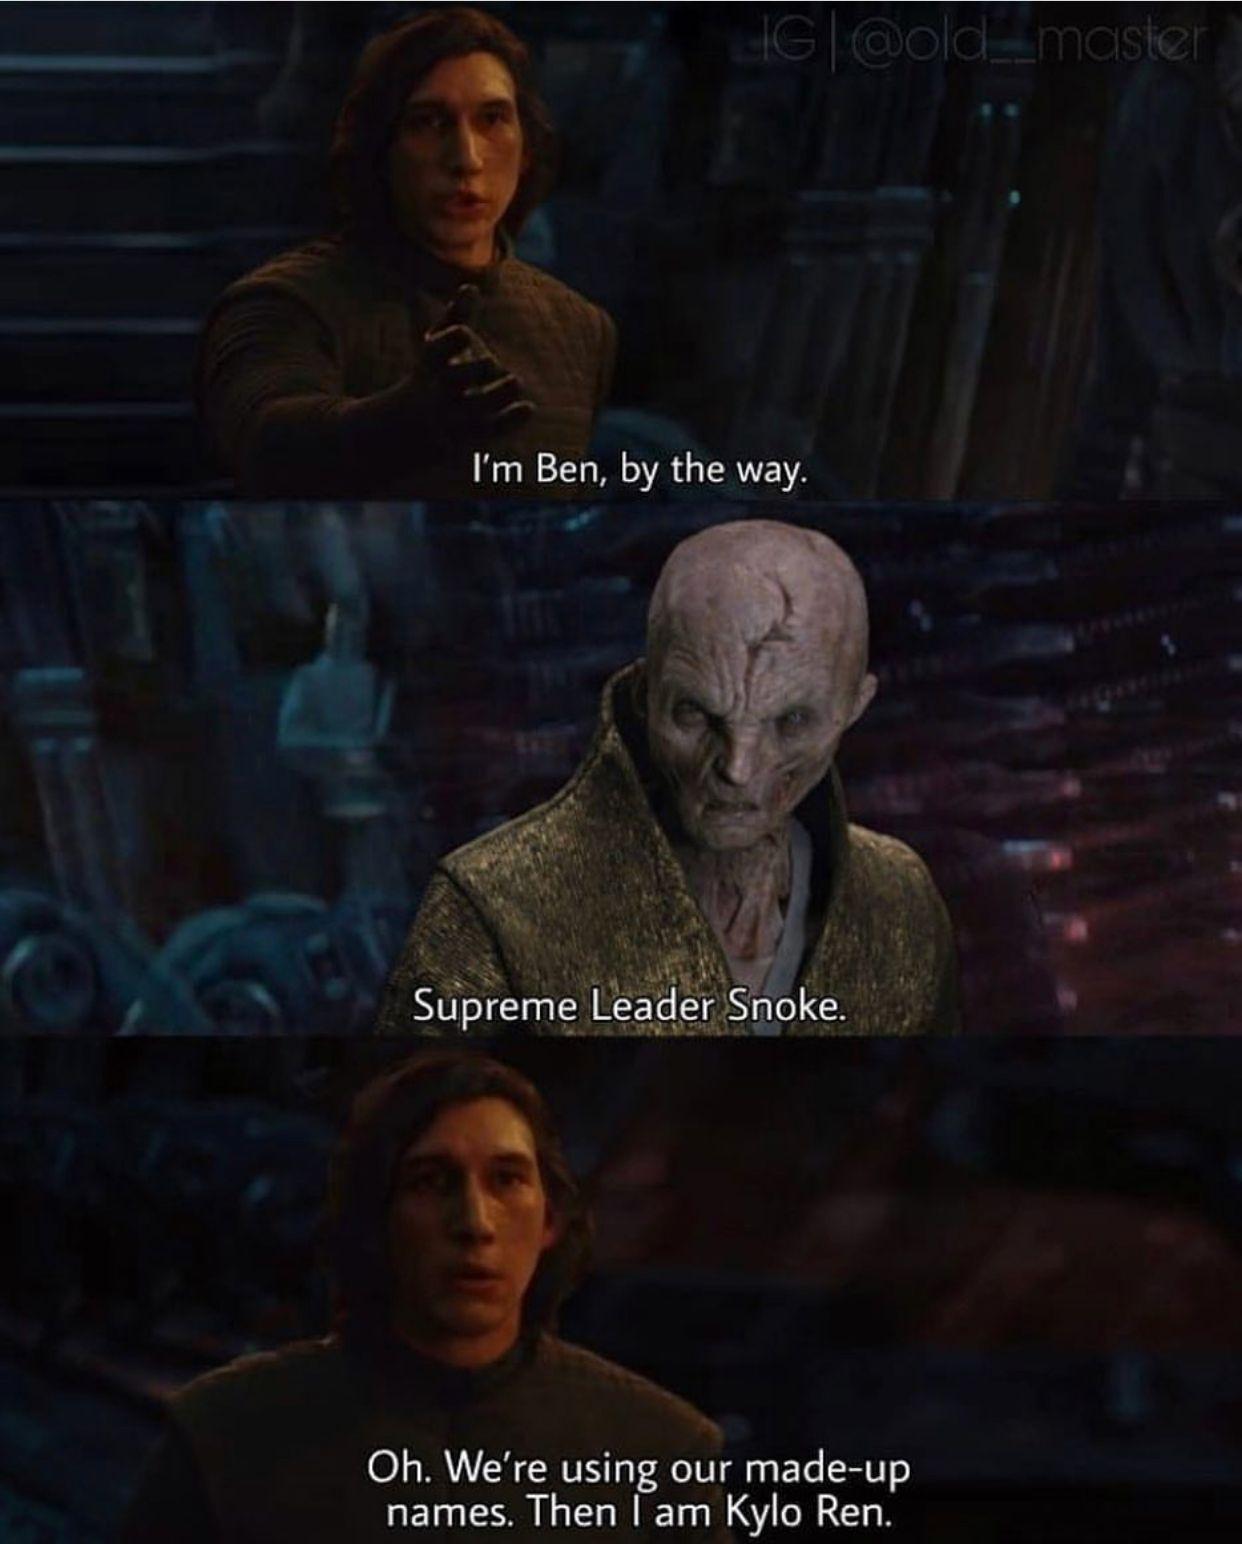 The Last Jedi Infinity War Funny Star Wars Memes Star Wars Memes Star Wars Humor